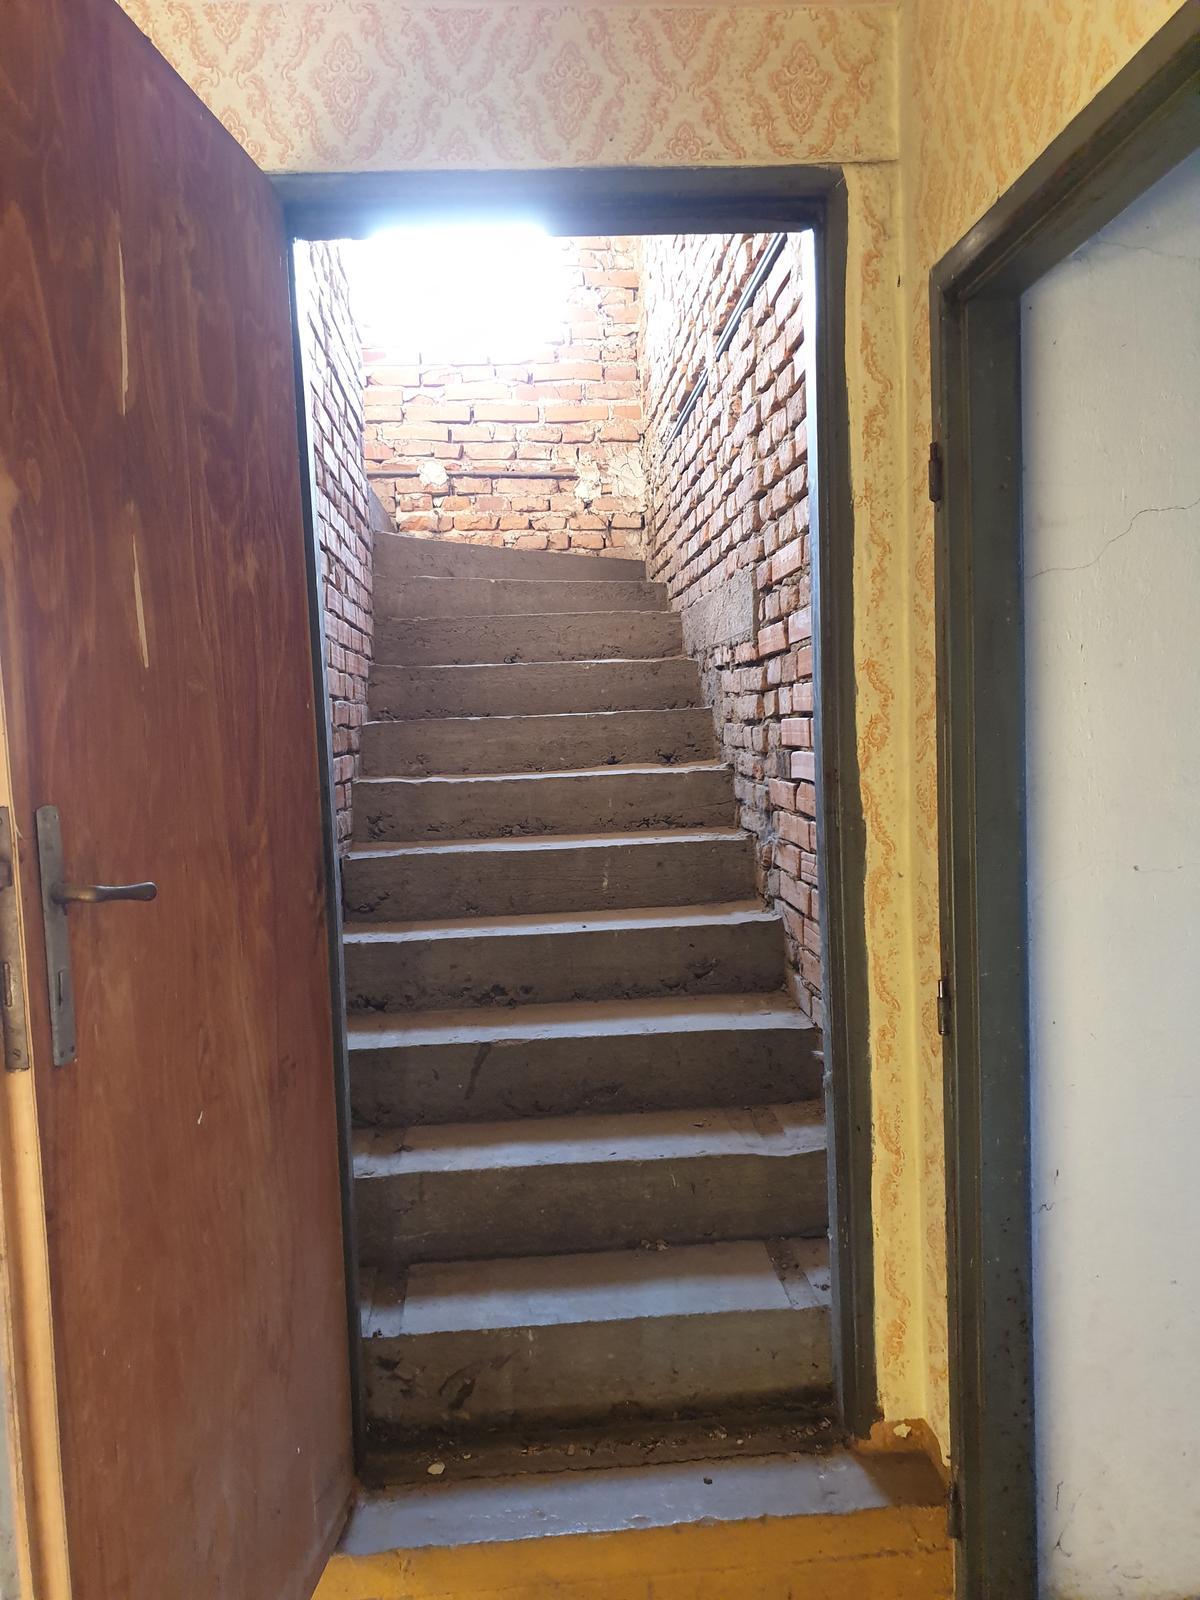 Rekonštrukcia domu-alebo chceme si splniť sen =》🏠🌻🌼🐶  mat domcek a vratit sa na Slovensko - schody do ,,nocnej,, casti, hore budu 3detske izby, spalna a kupelna